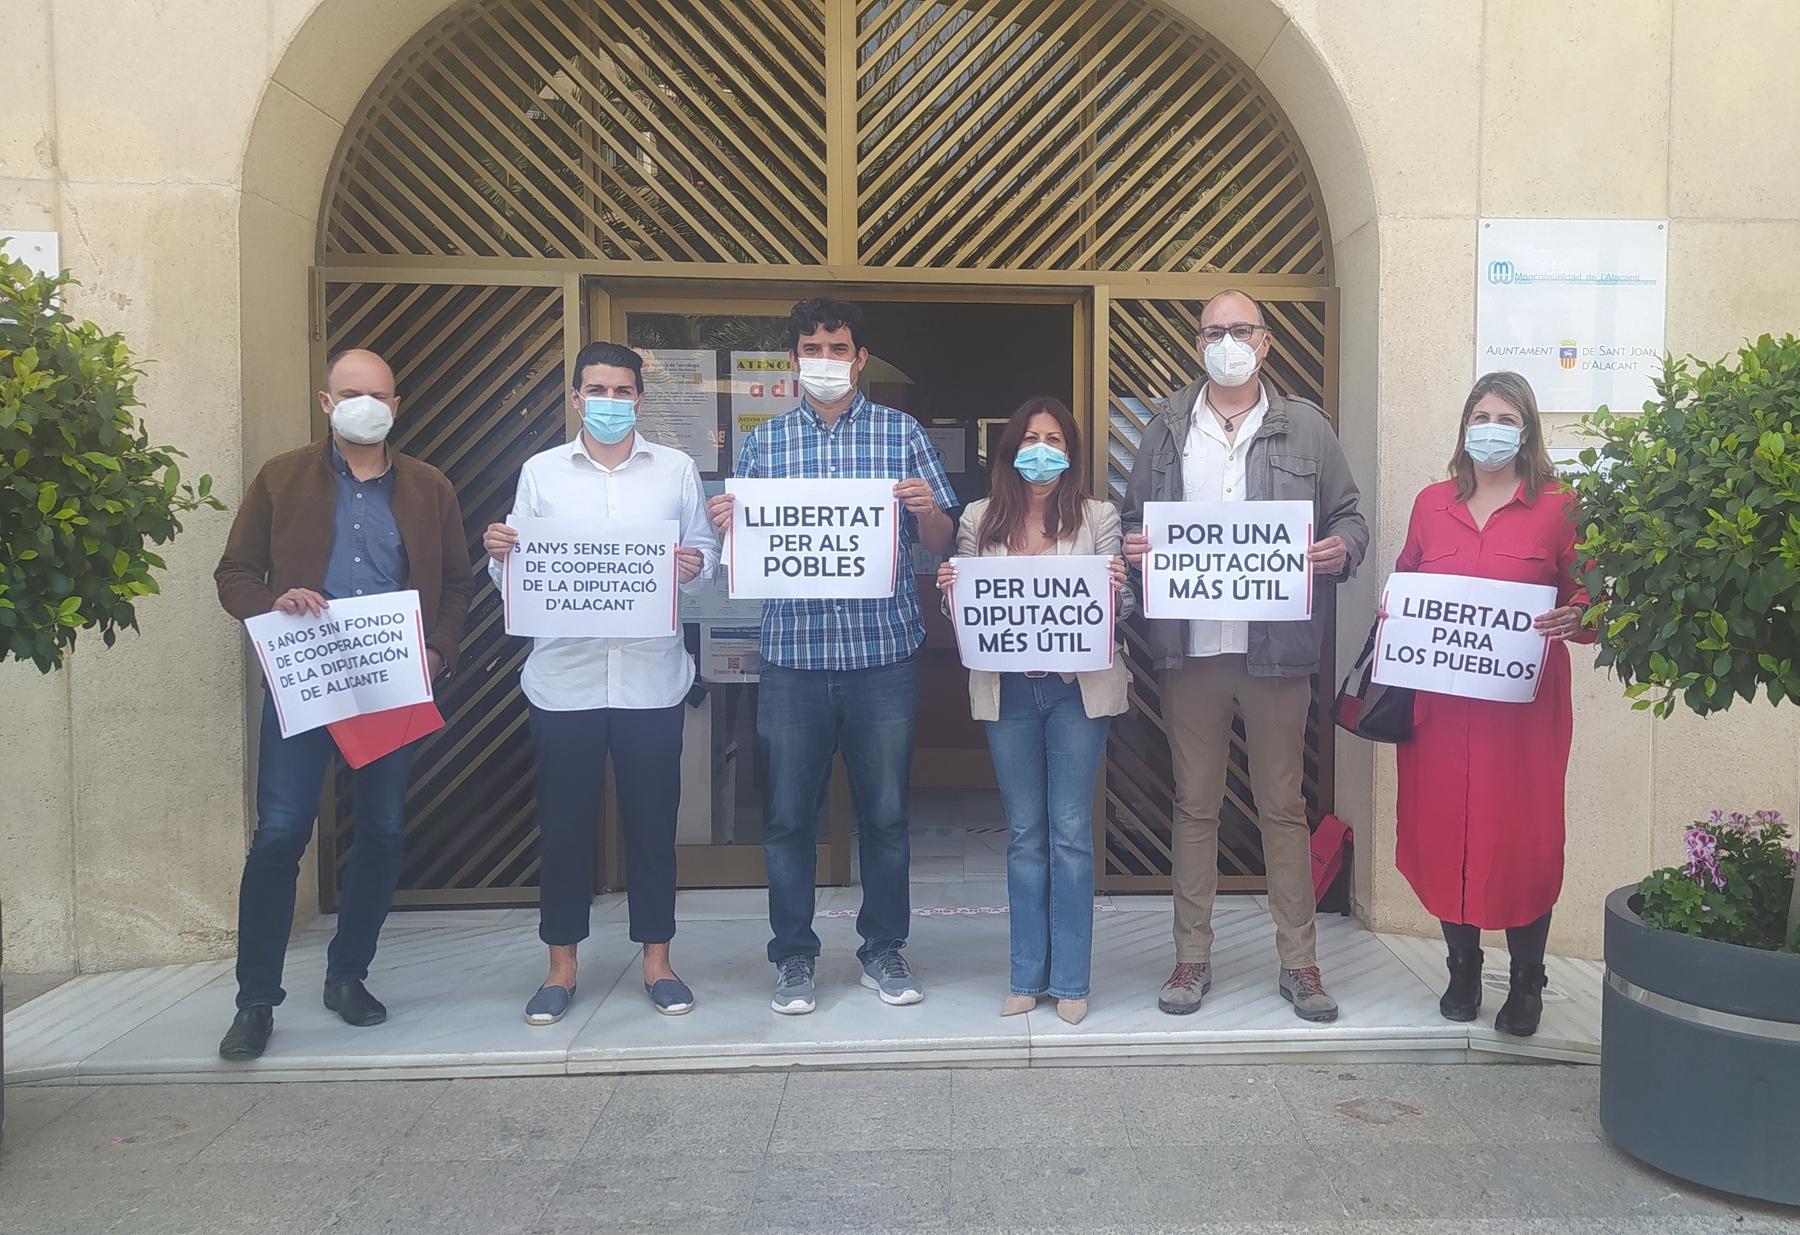 Protesta de PSOE y Compromís contra Mazón, presidente de la Diputación, en Sant Joan (Alicante)